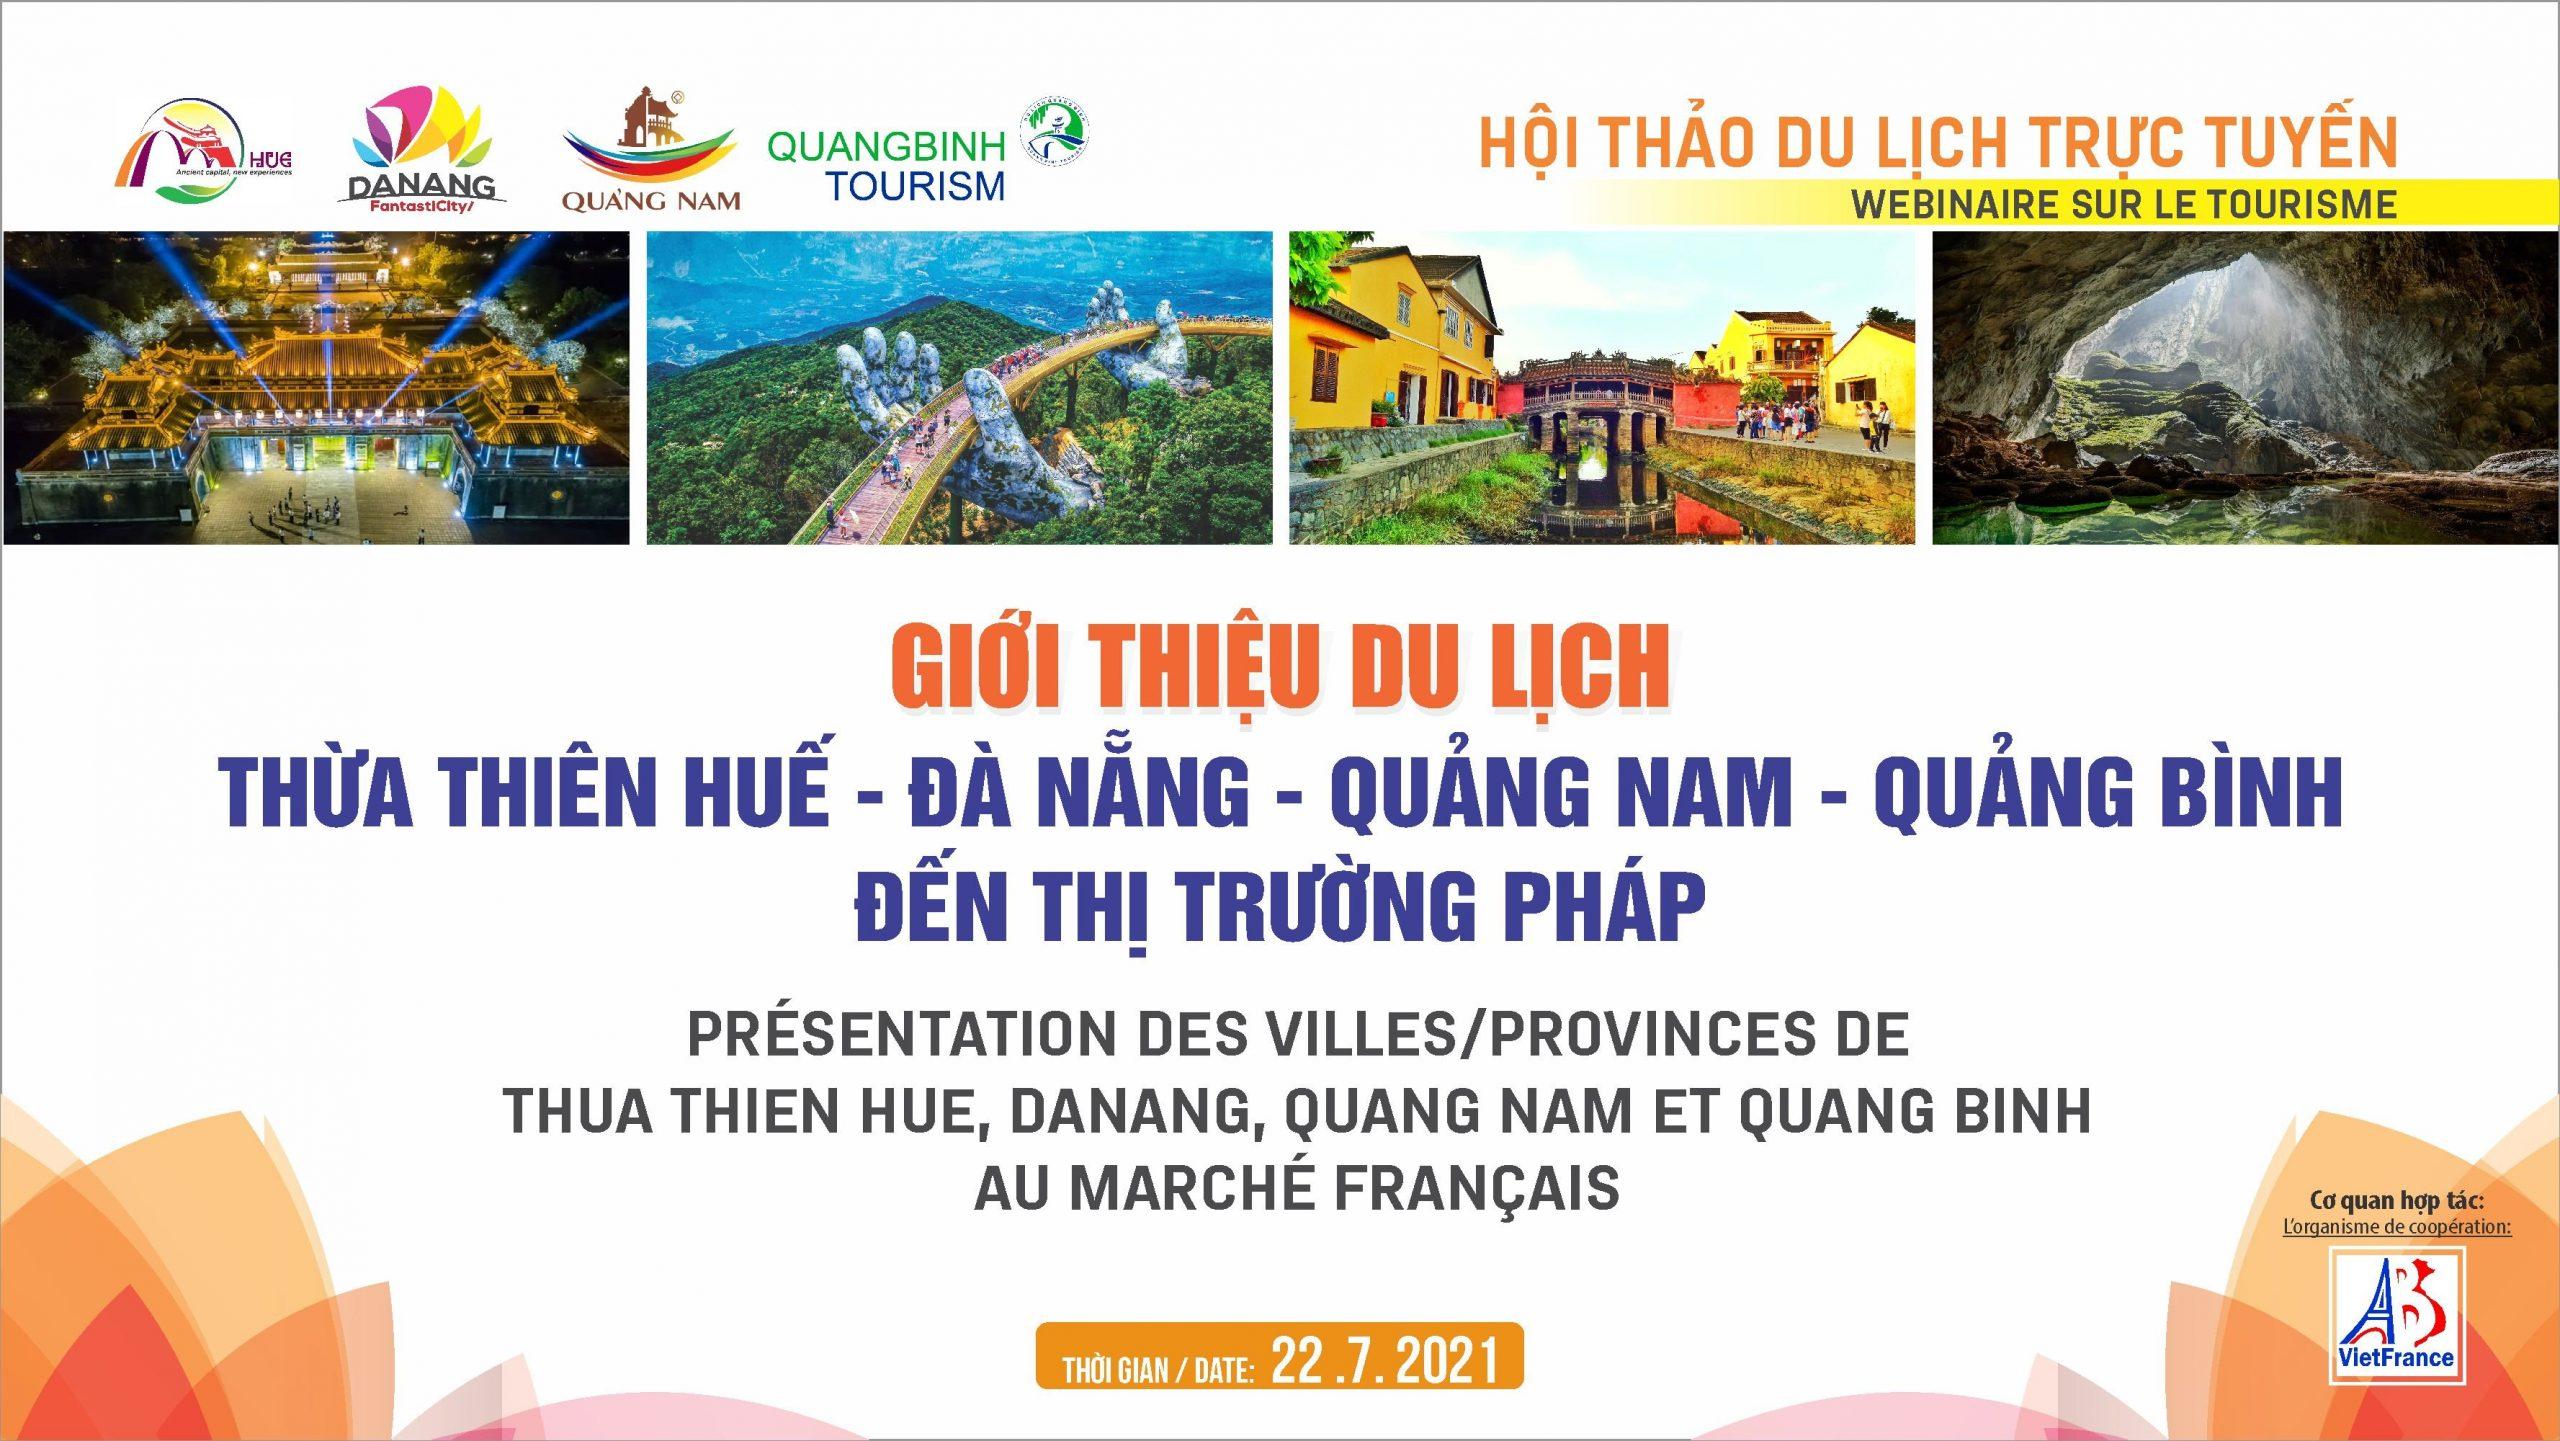 """Giới thiệu sản phẩm """"Miền Trung Việt Nam - Điểm đến an toàn và thân thiện"""" tới thị trường Pháp"""